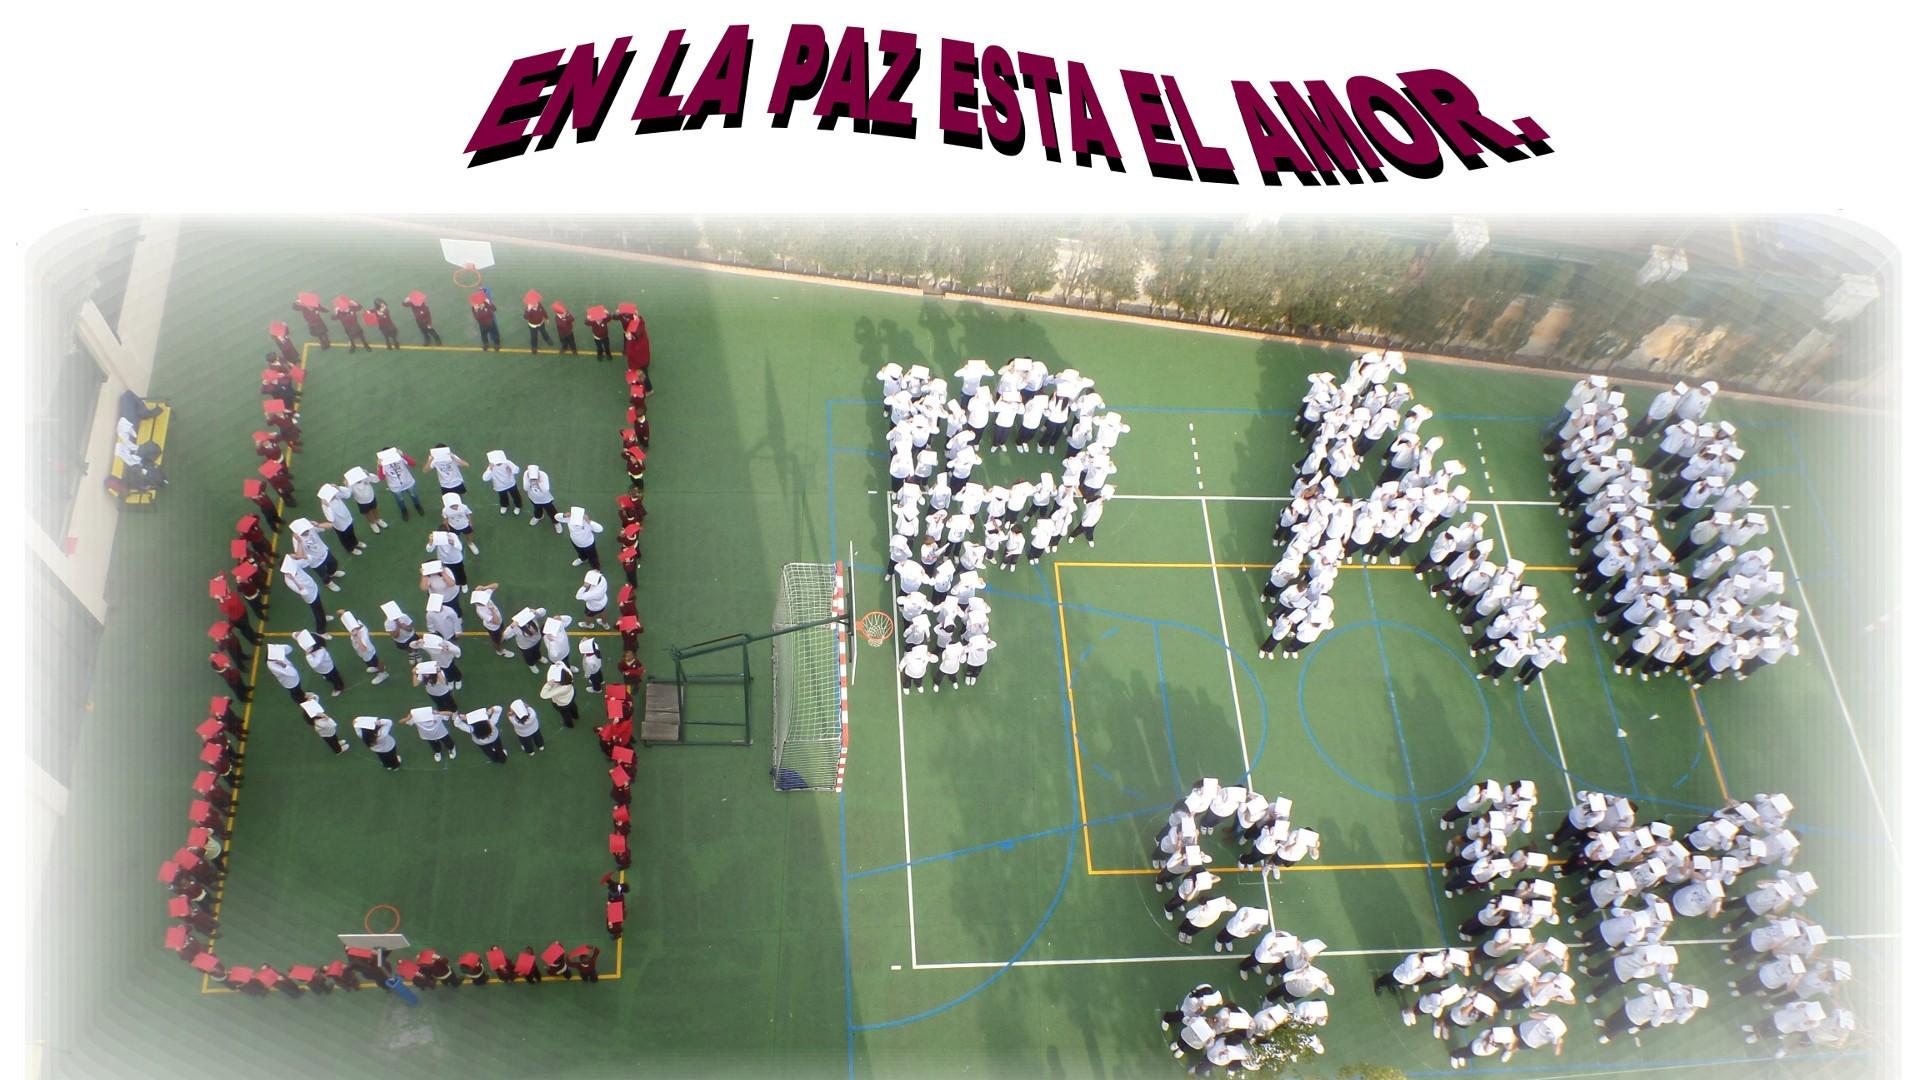 Calendario Escolar 2019 Primaria Recientes Colegio San José De La Monta±a Palma De Mallorca Colegio San Of Calendario Escolar 2019 Primaria Más Recientes Noticias